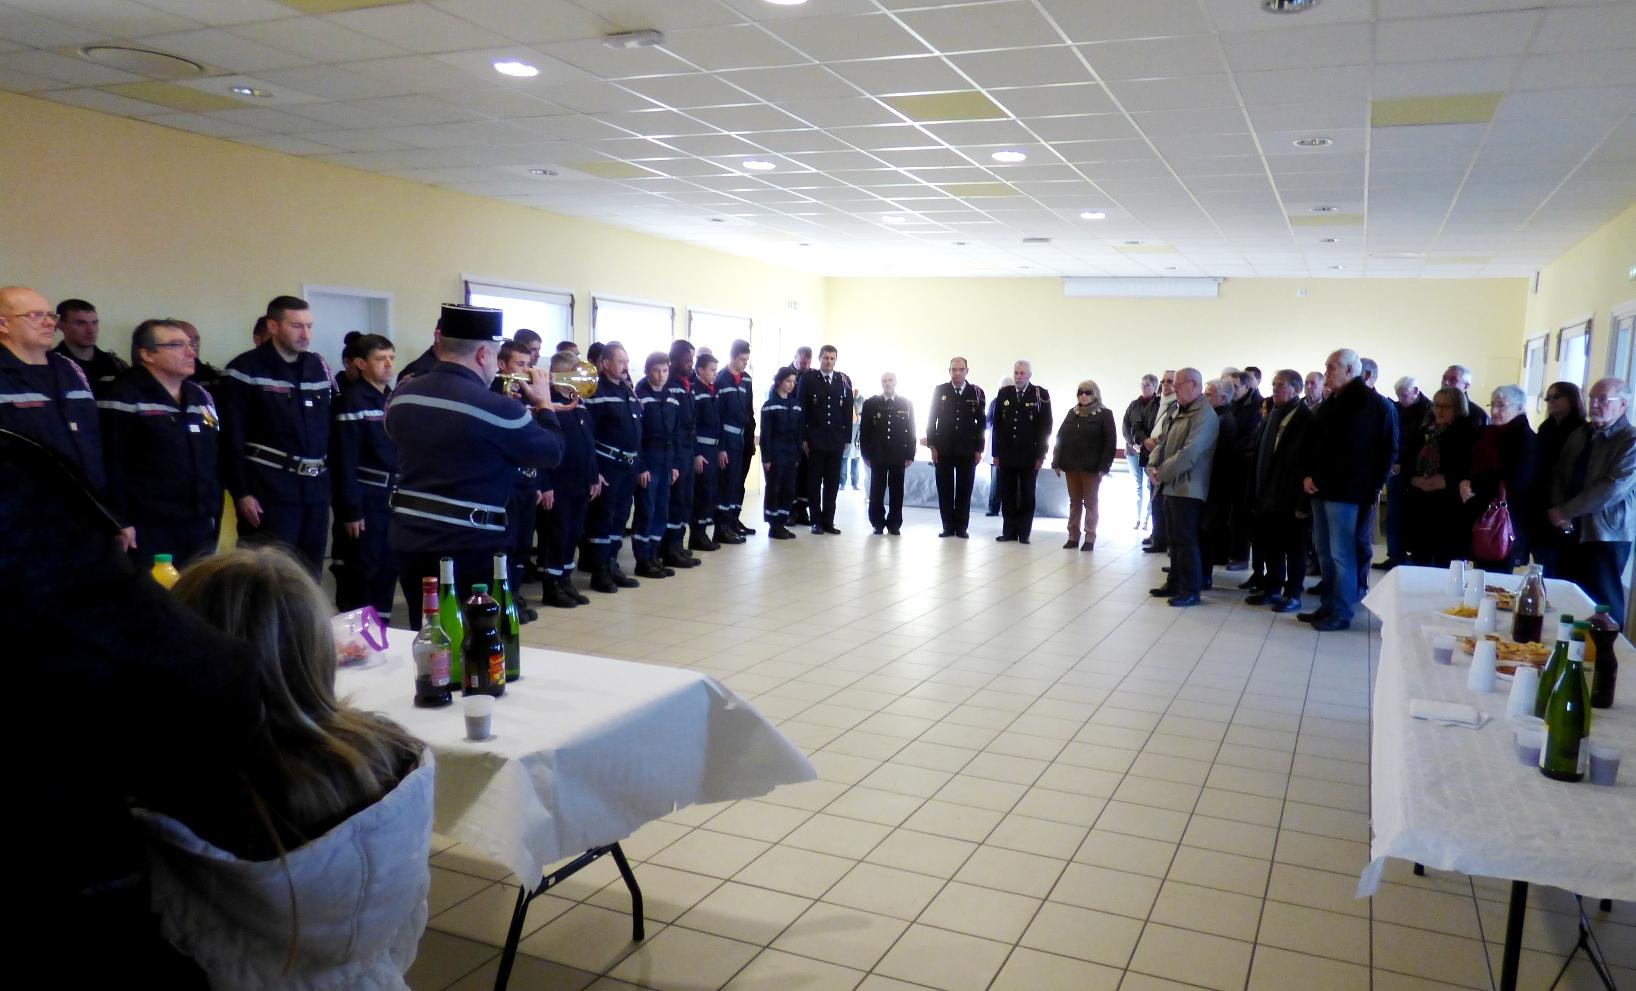 pompiers-ste-barbe-secteur-psv-27-novembre-2016-6